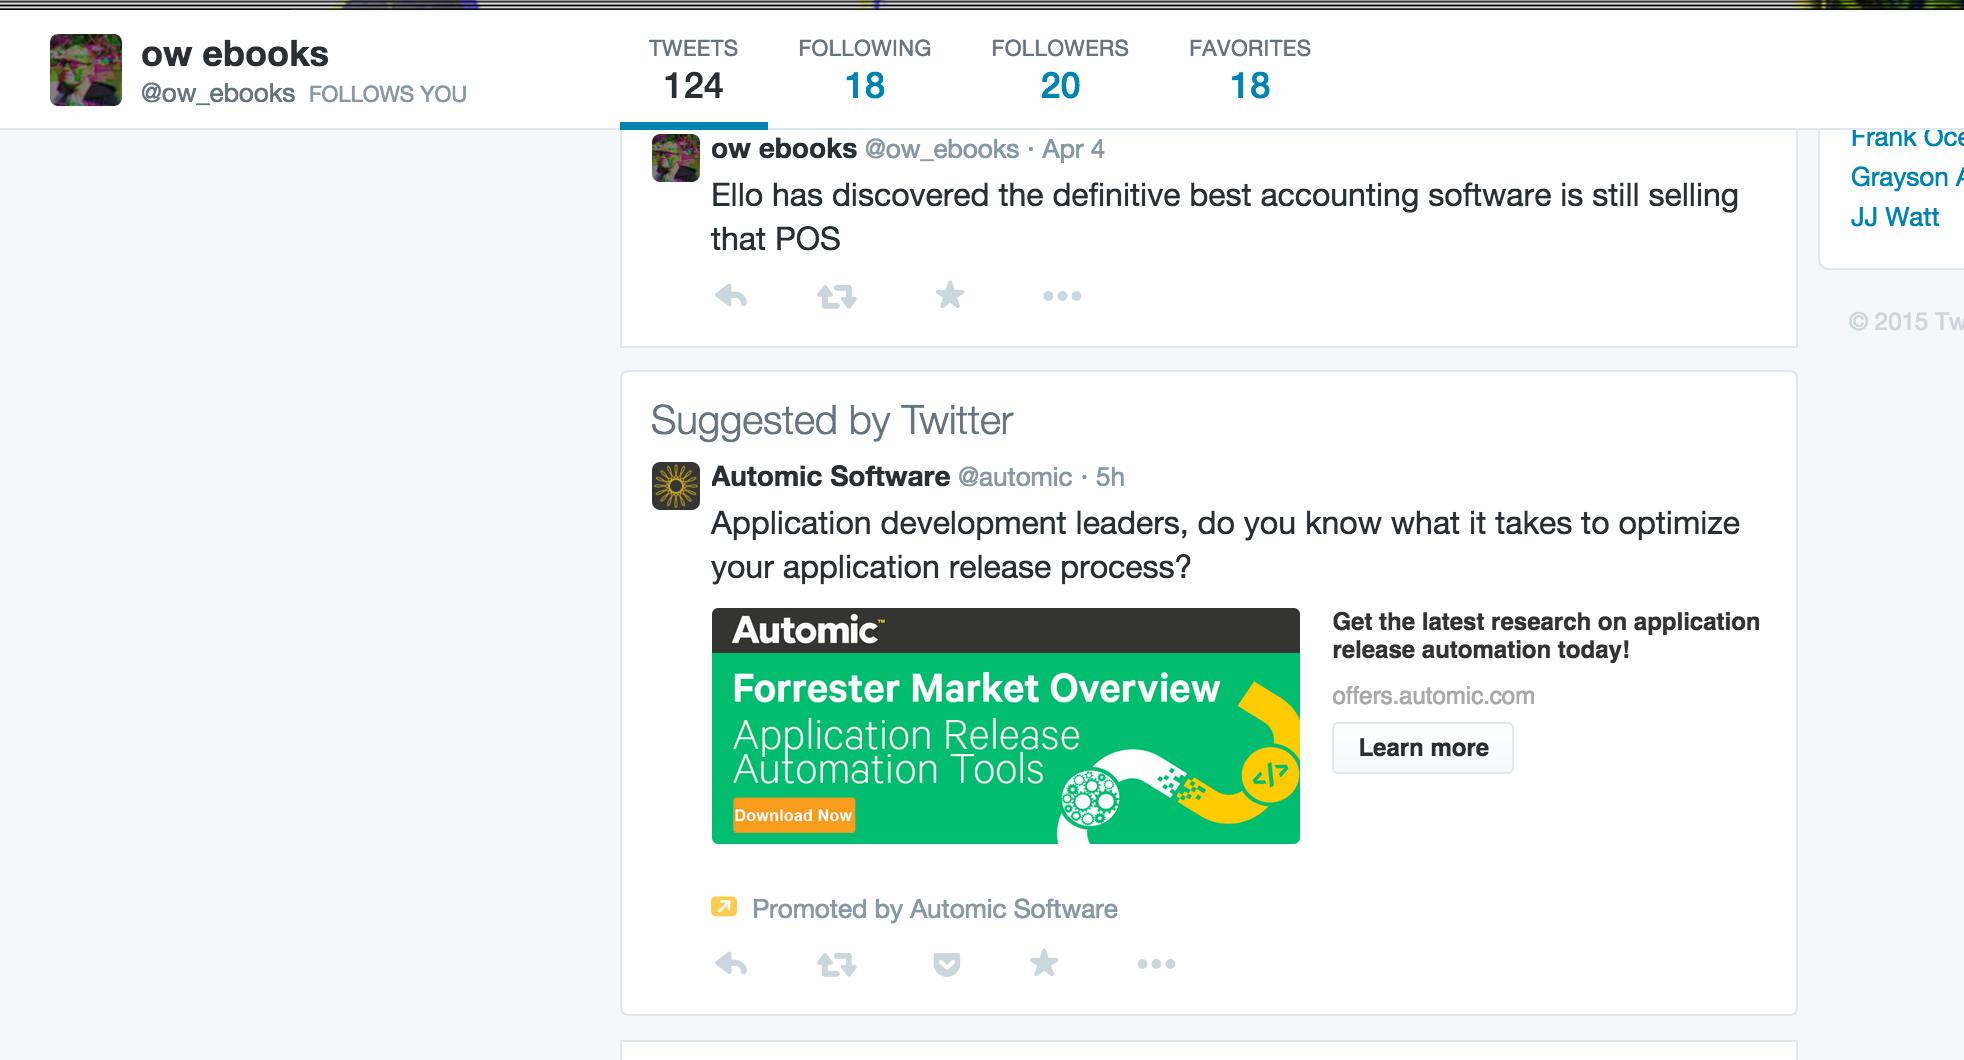 Screen Shot 2015-04-07 at 2.43.25 pm